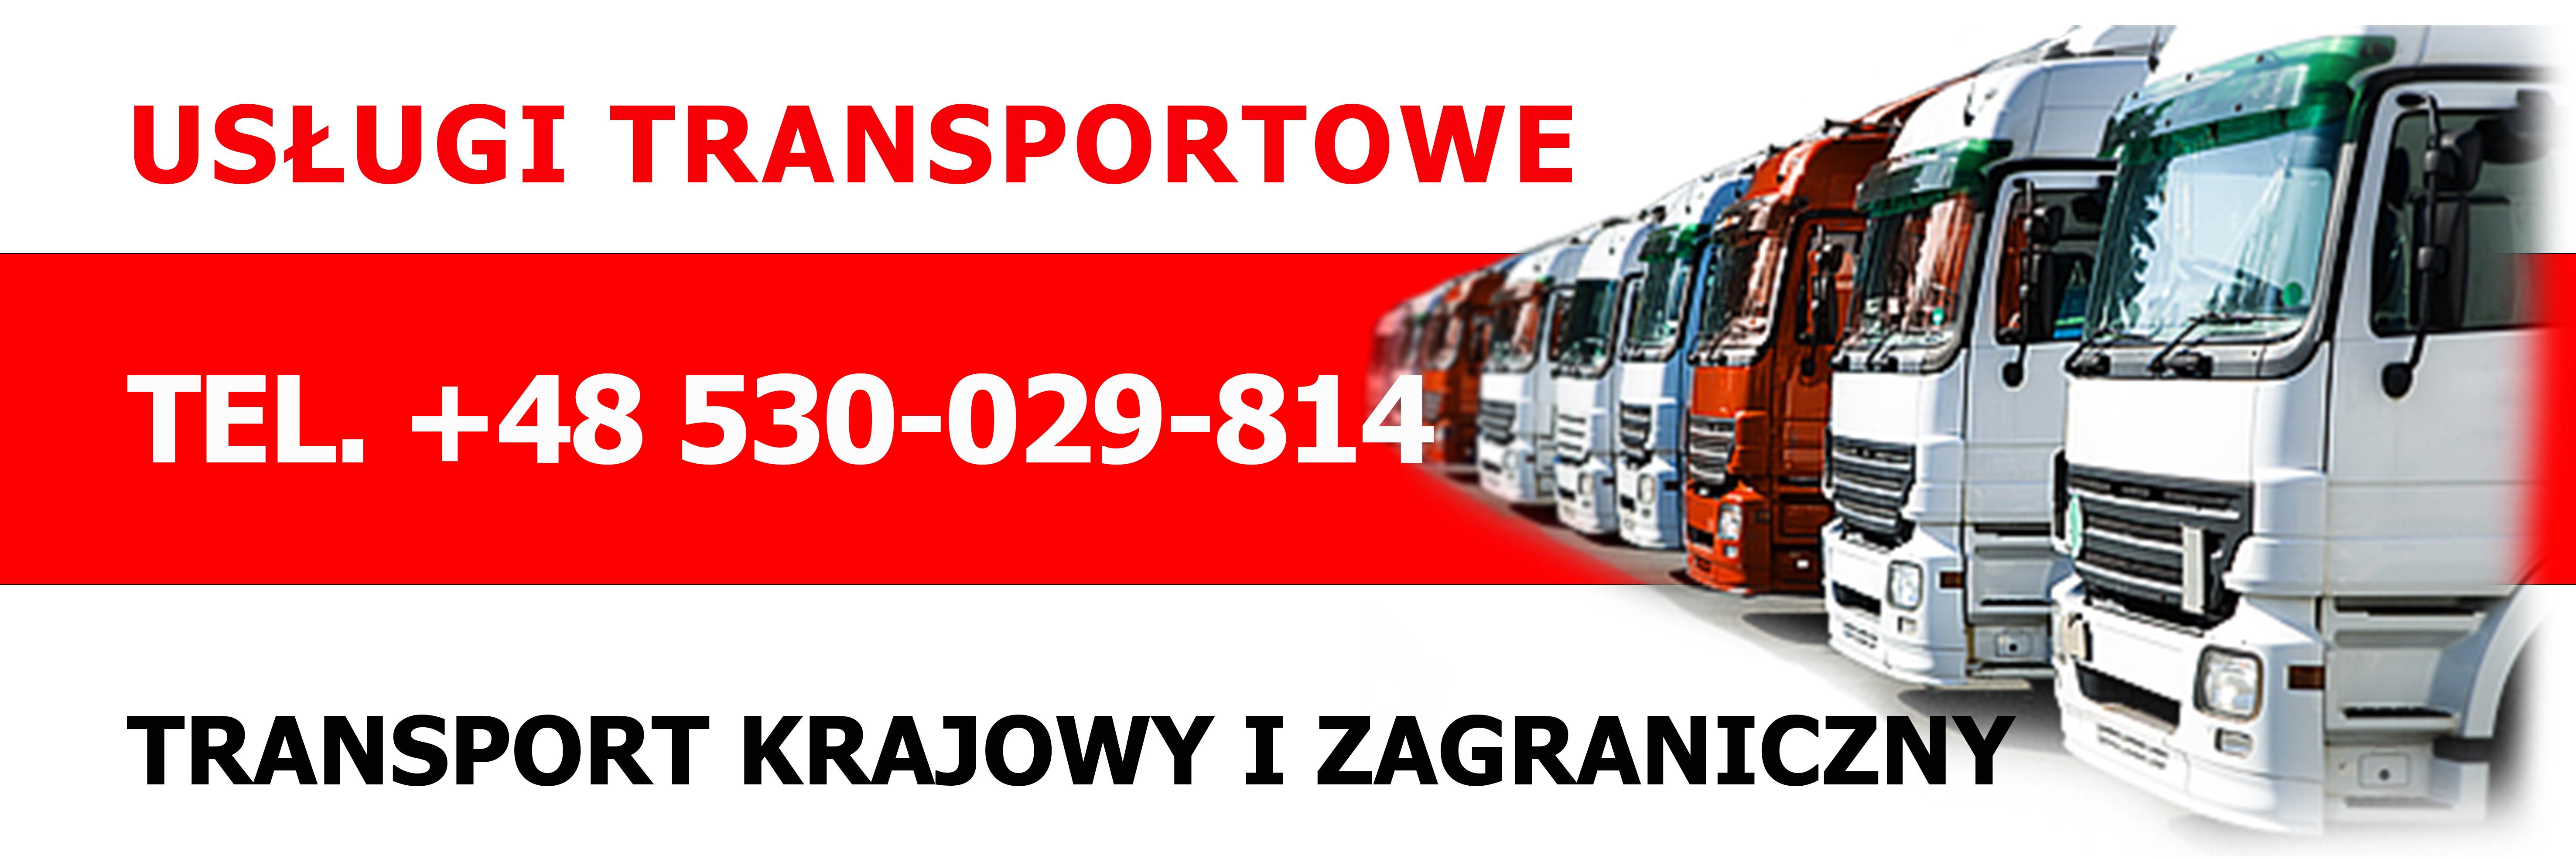 Usługi Transportowe – Transport Krajowy i Zagraniczny